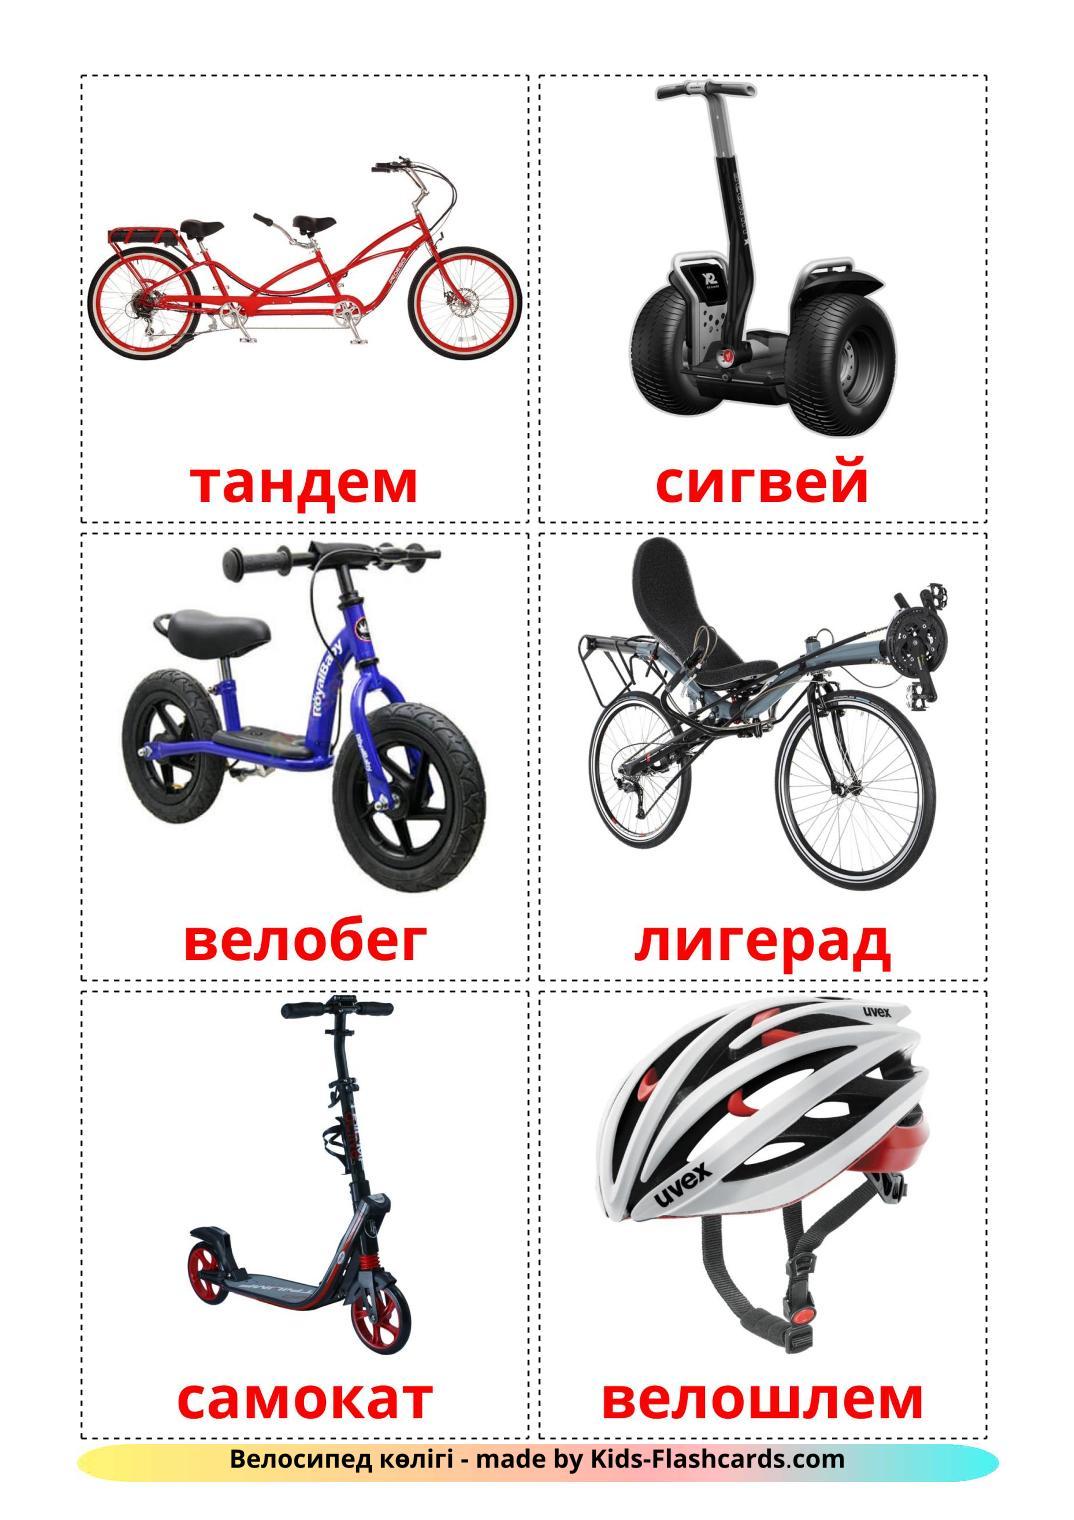 Bicycle transport - 16 Free Printable kazakh Flashcards